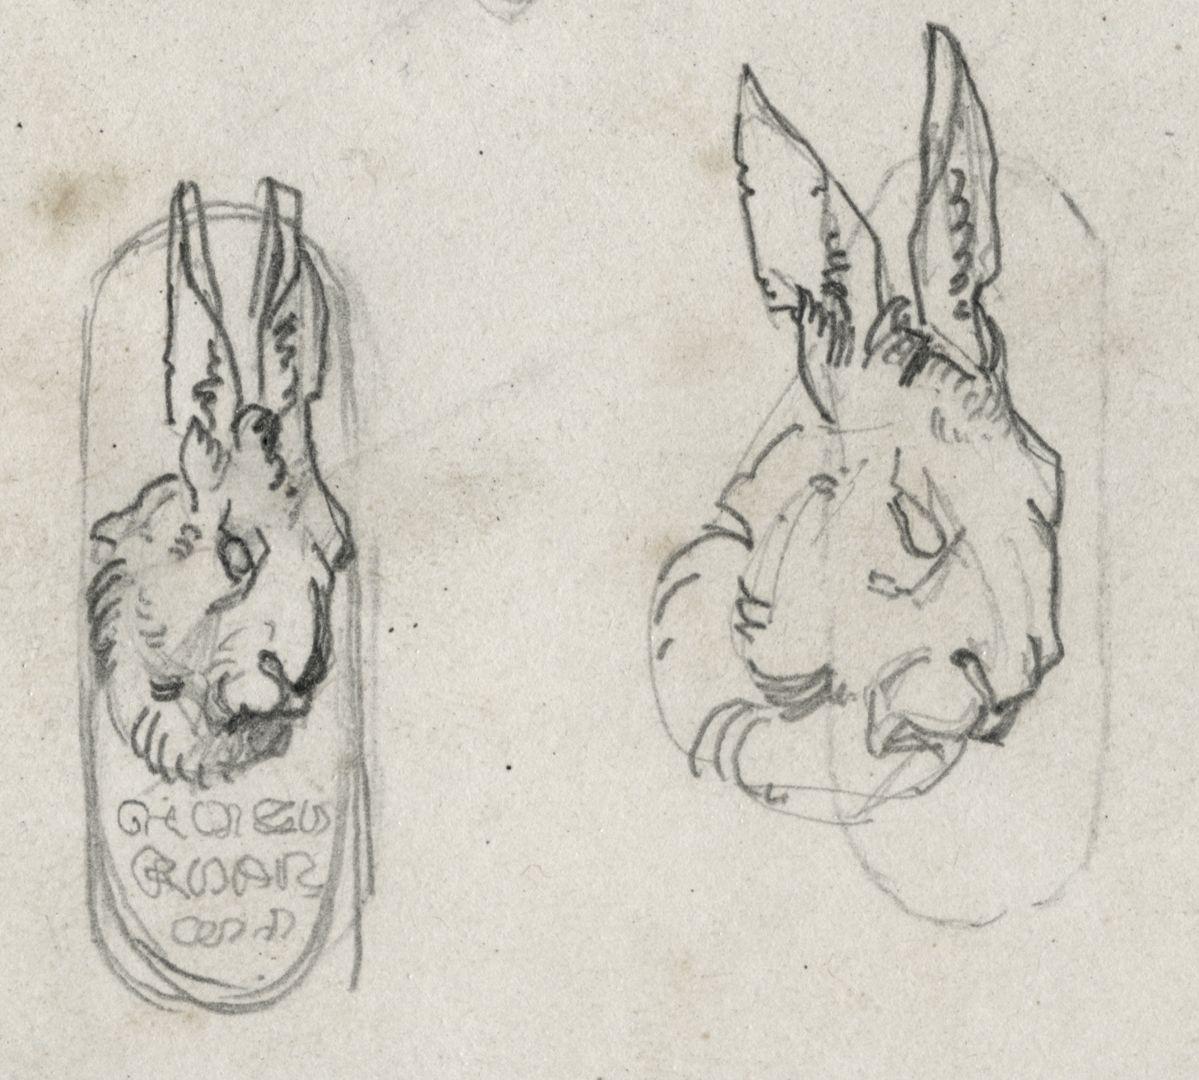 Hello, little finch two rabbit heads